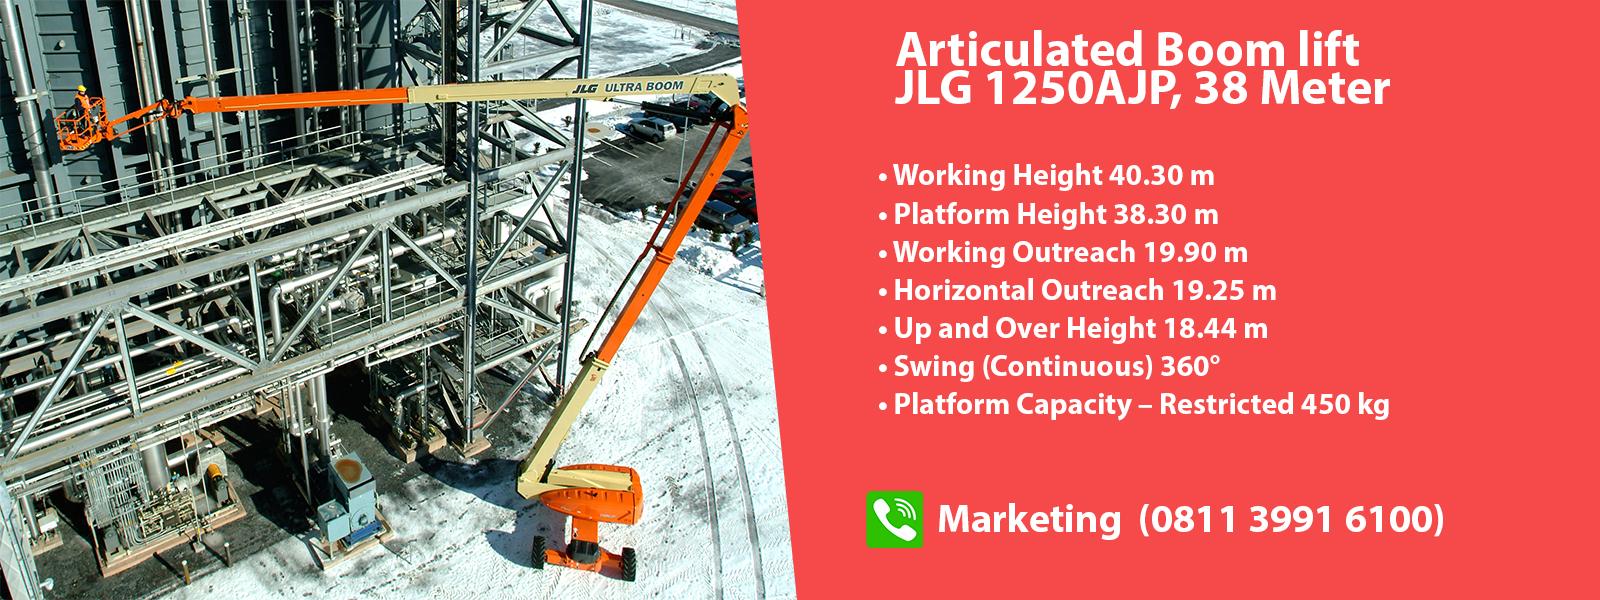 sewa manlift boom lift JLG 38 meter - Exxa